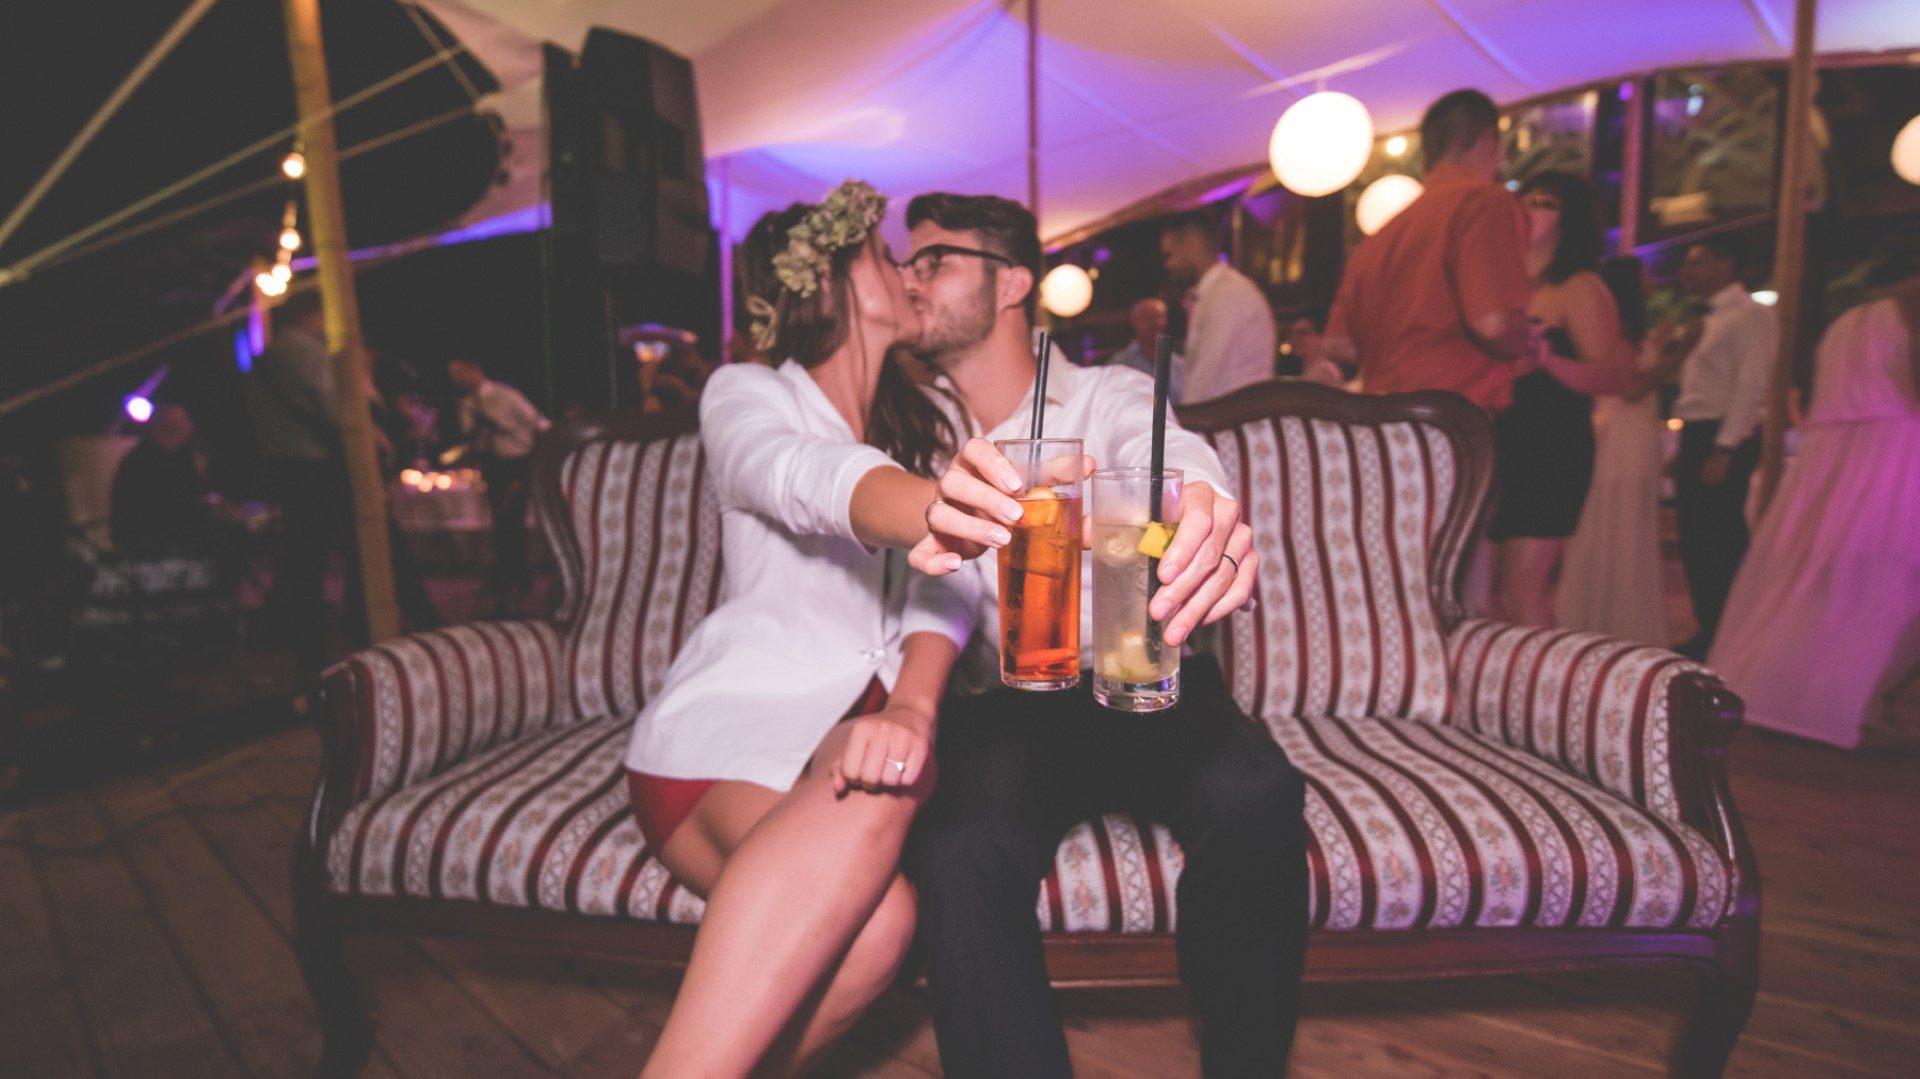 ,romantikus esküvő,mátyusháza,valódi esküvő,play luna, esküvői helyszín,esküvő,helyszín,rendezvényhelyszín,marangona torta,daalarna ruha,esküvői ruha,menyasszonyi ruha,catering,dekoráció,